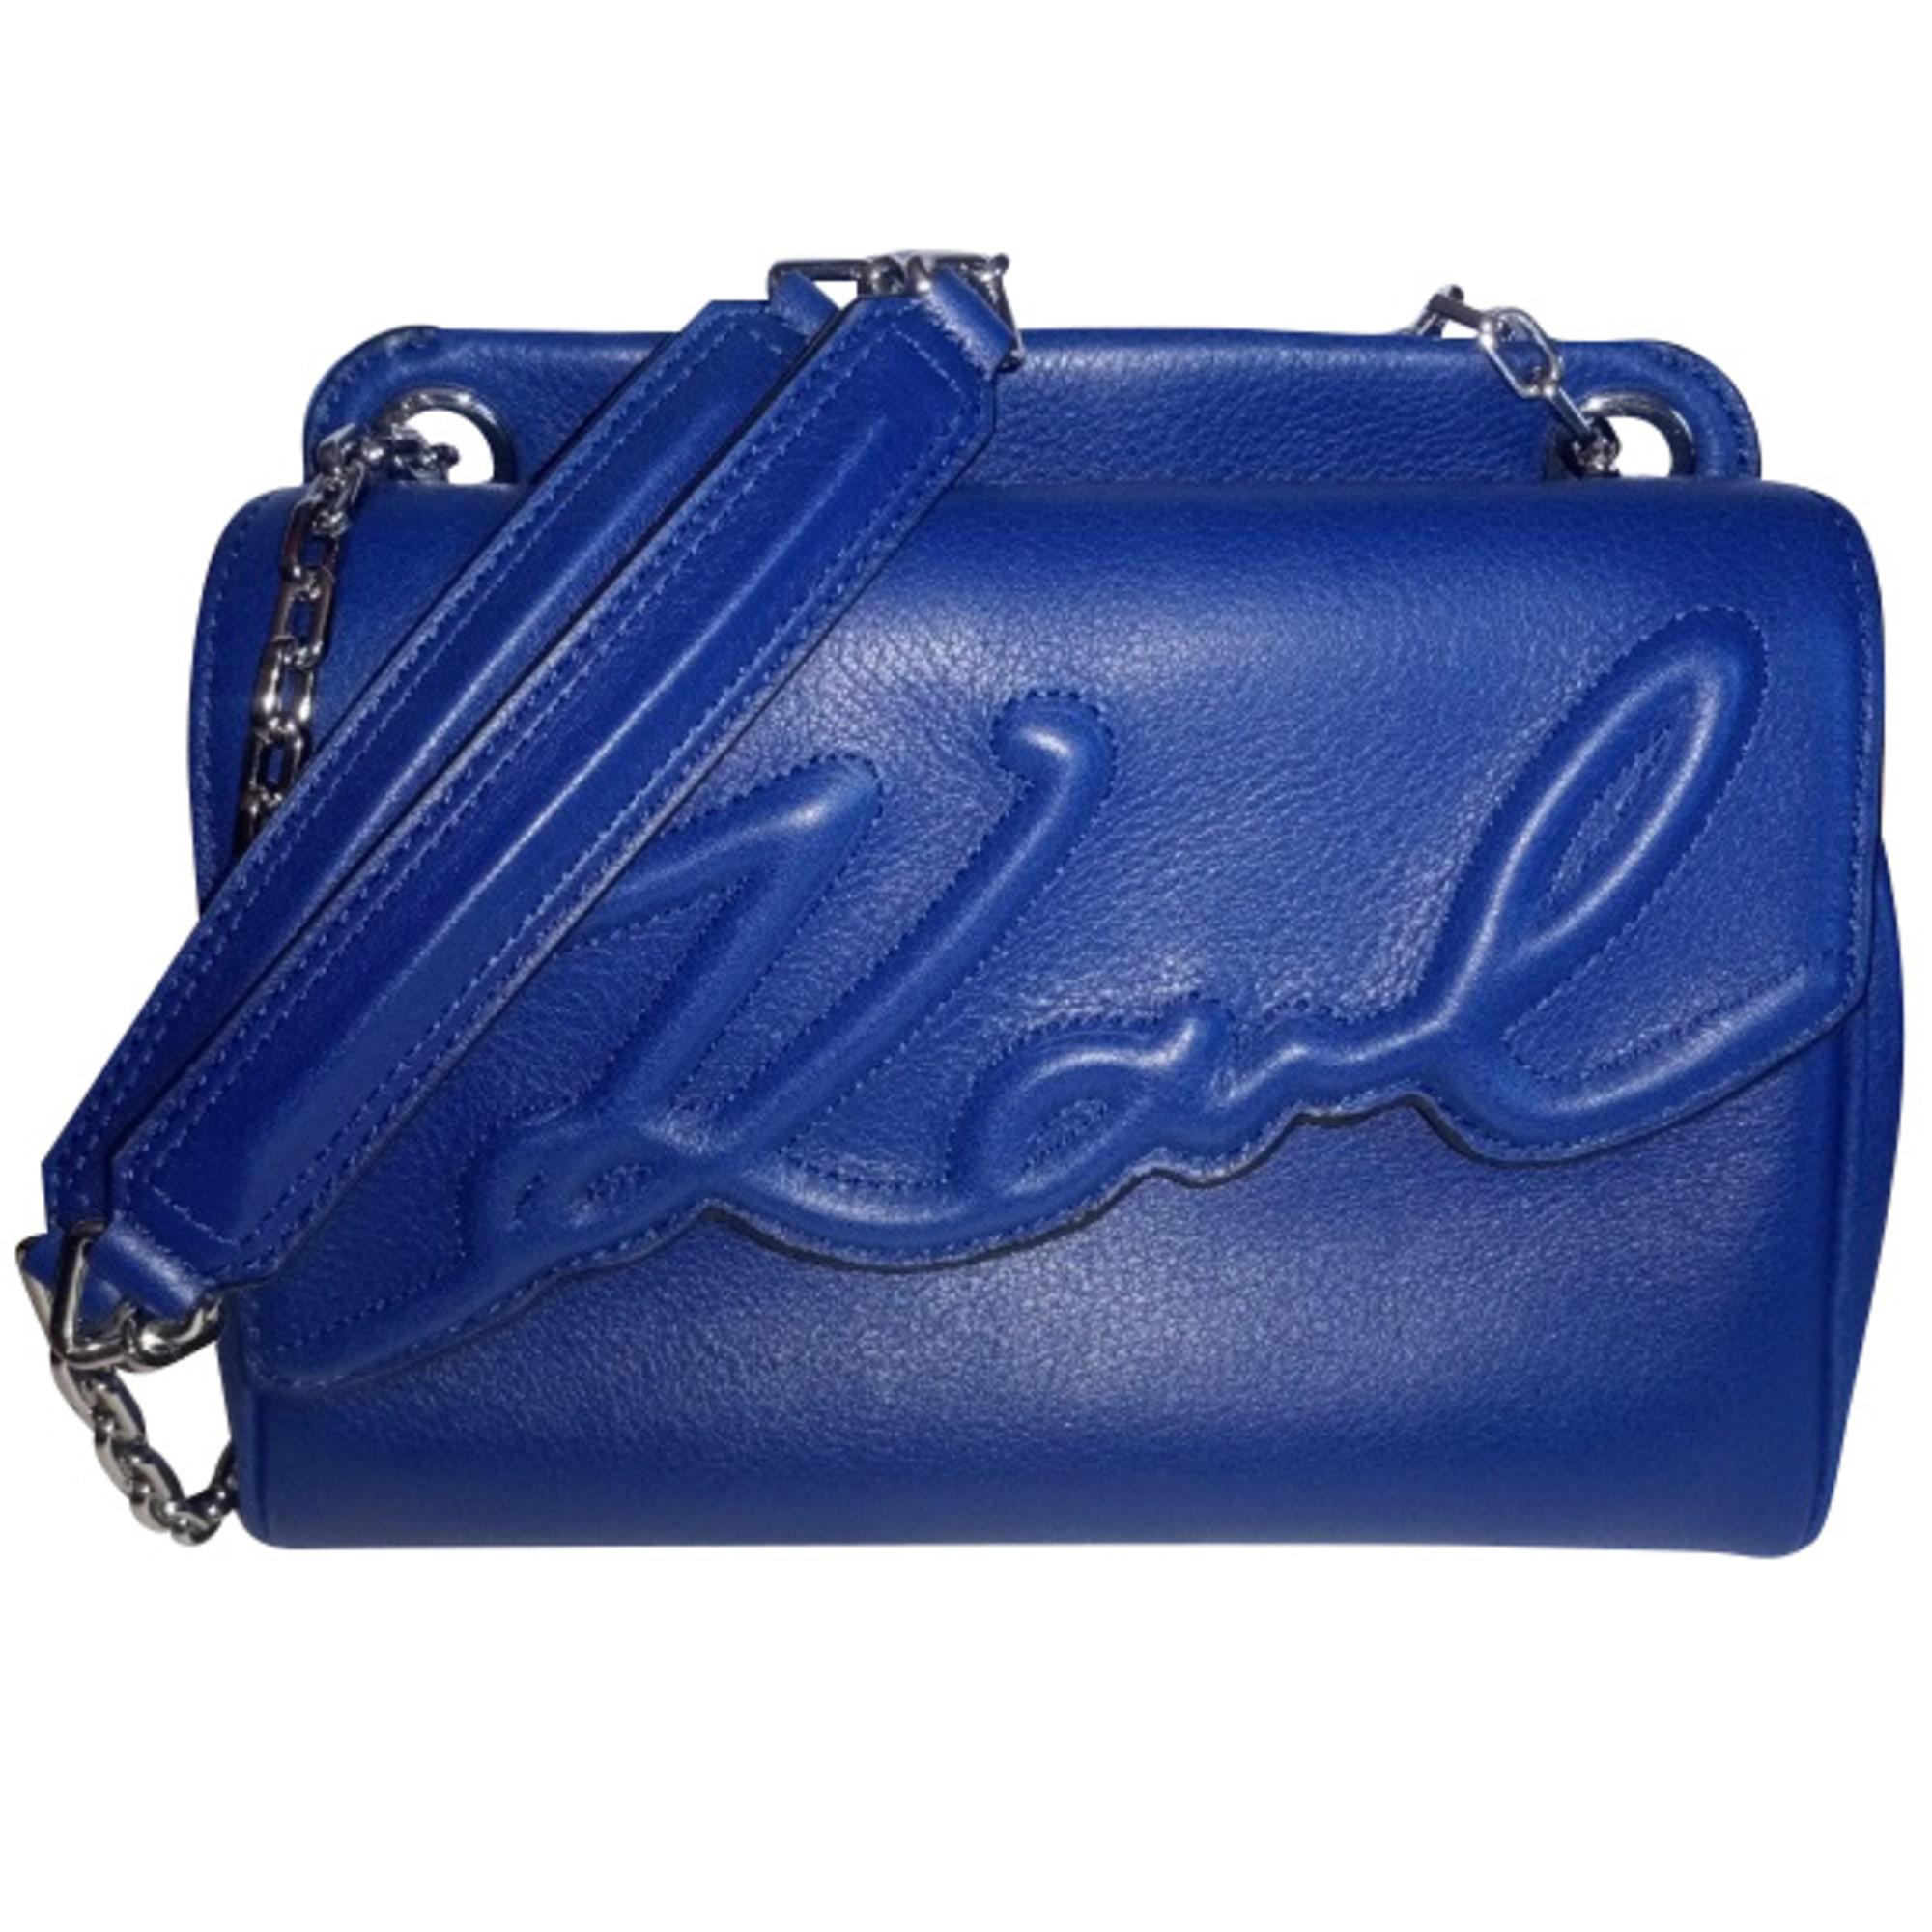 Lederhandtasche KARL LAGERFELD Blau, marineblau, türkisblau